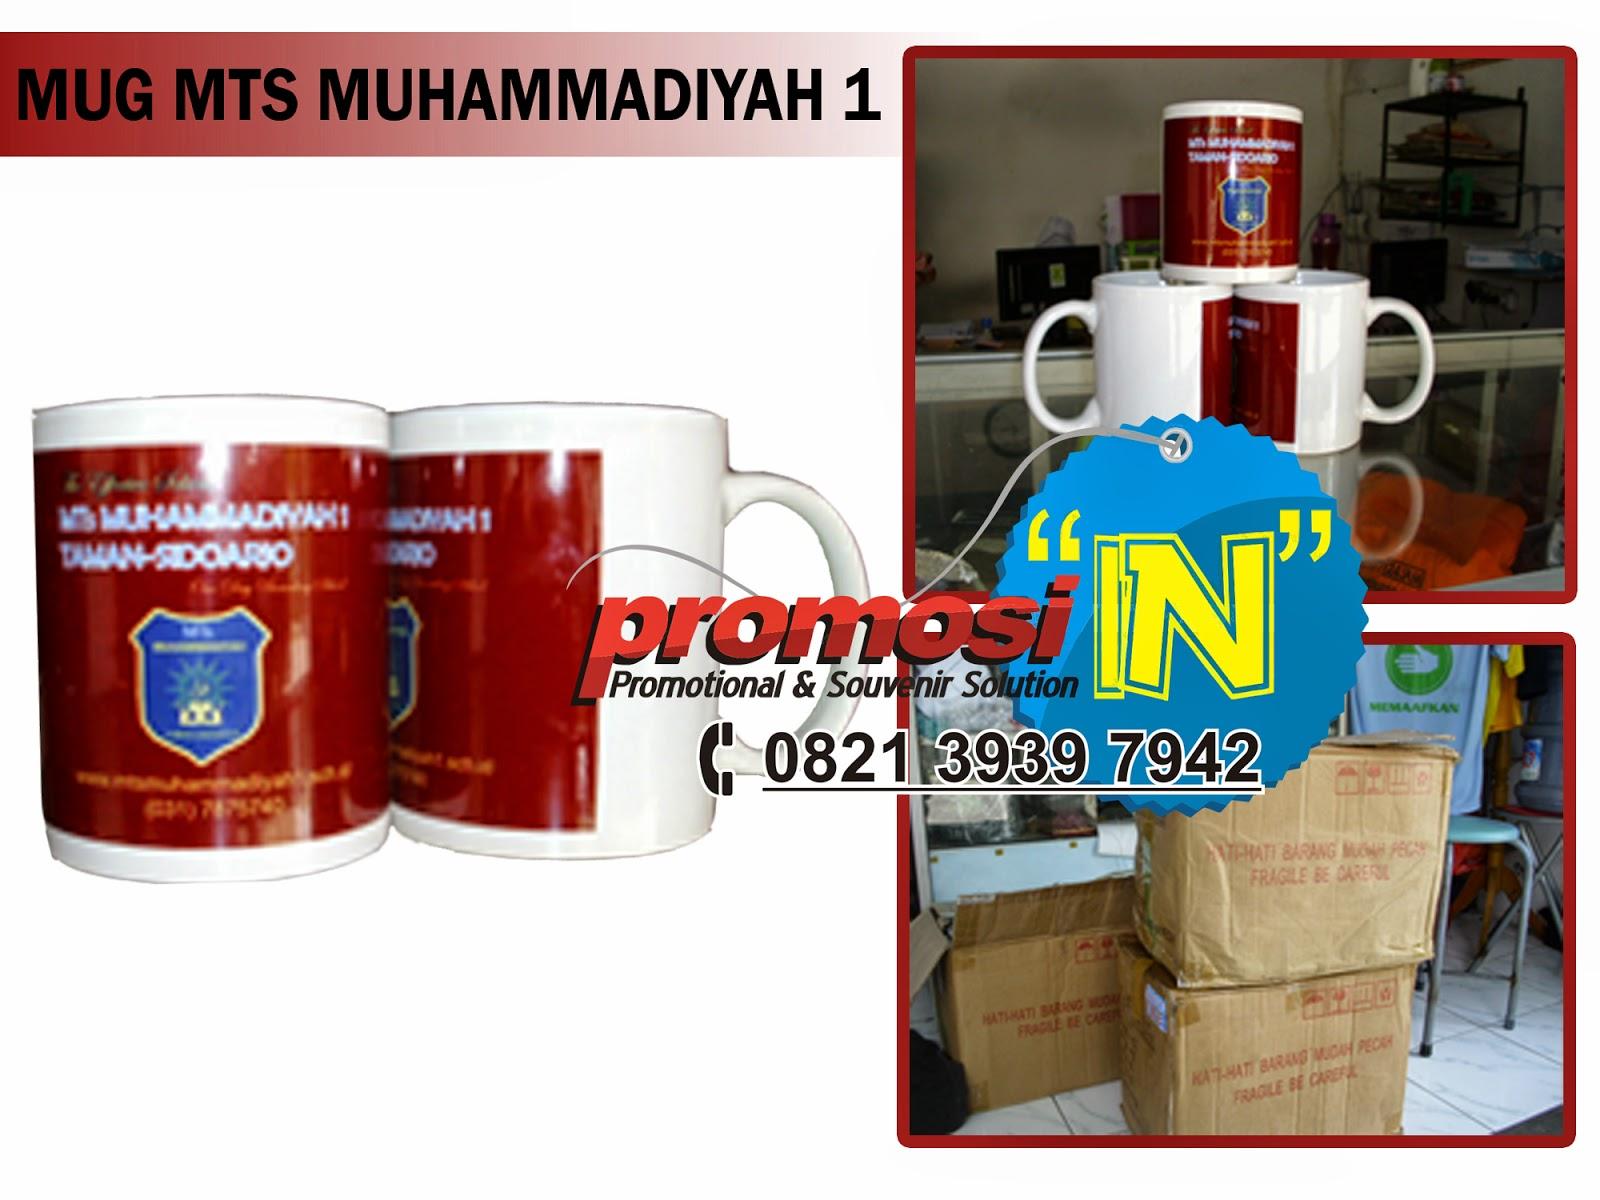 Mug,Pesan Mug Promosi ,Buat Mug Ulang Tahun Murah,Bikin Mug Souvenir Murah,Produsen Mug Promosi Murah